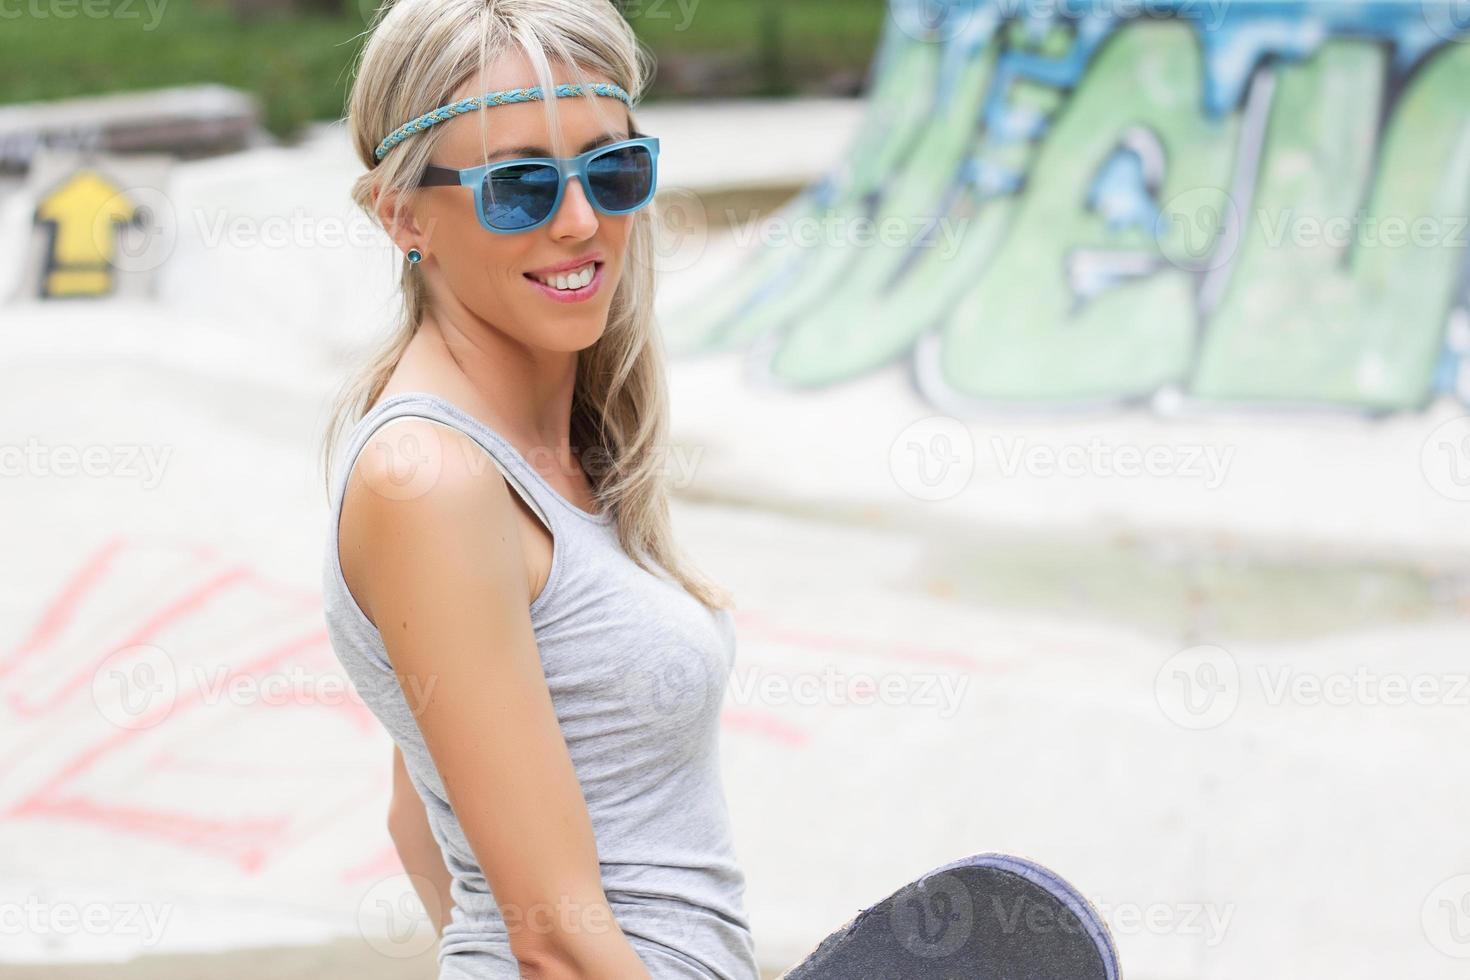 jonge tiener in skateboardpark foto